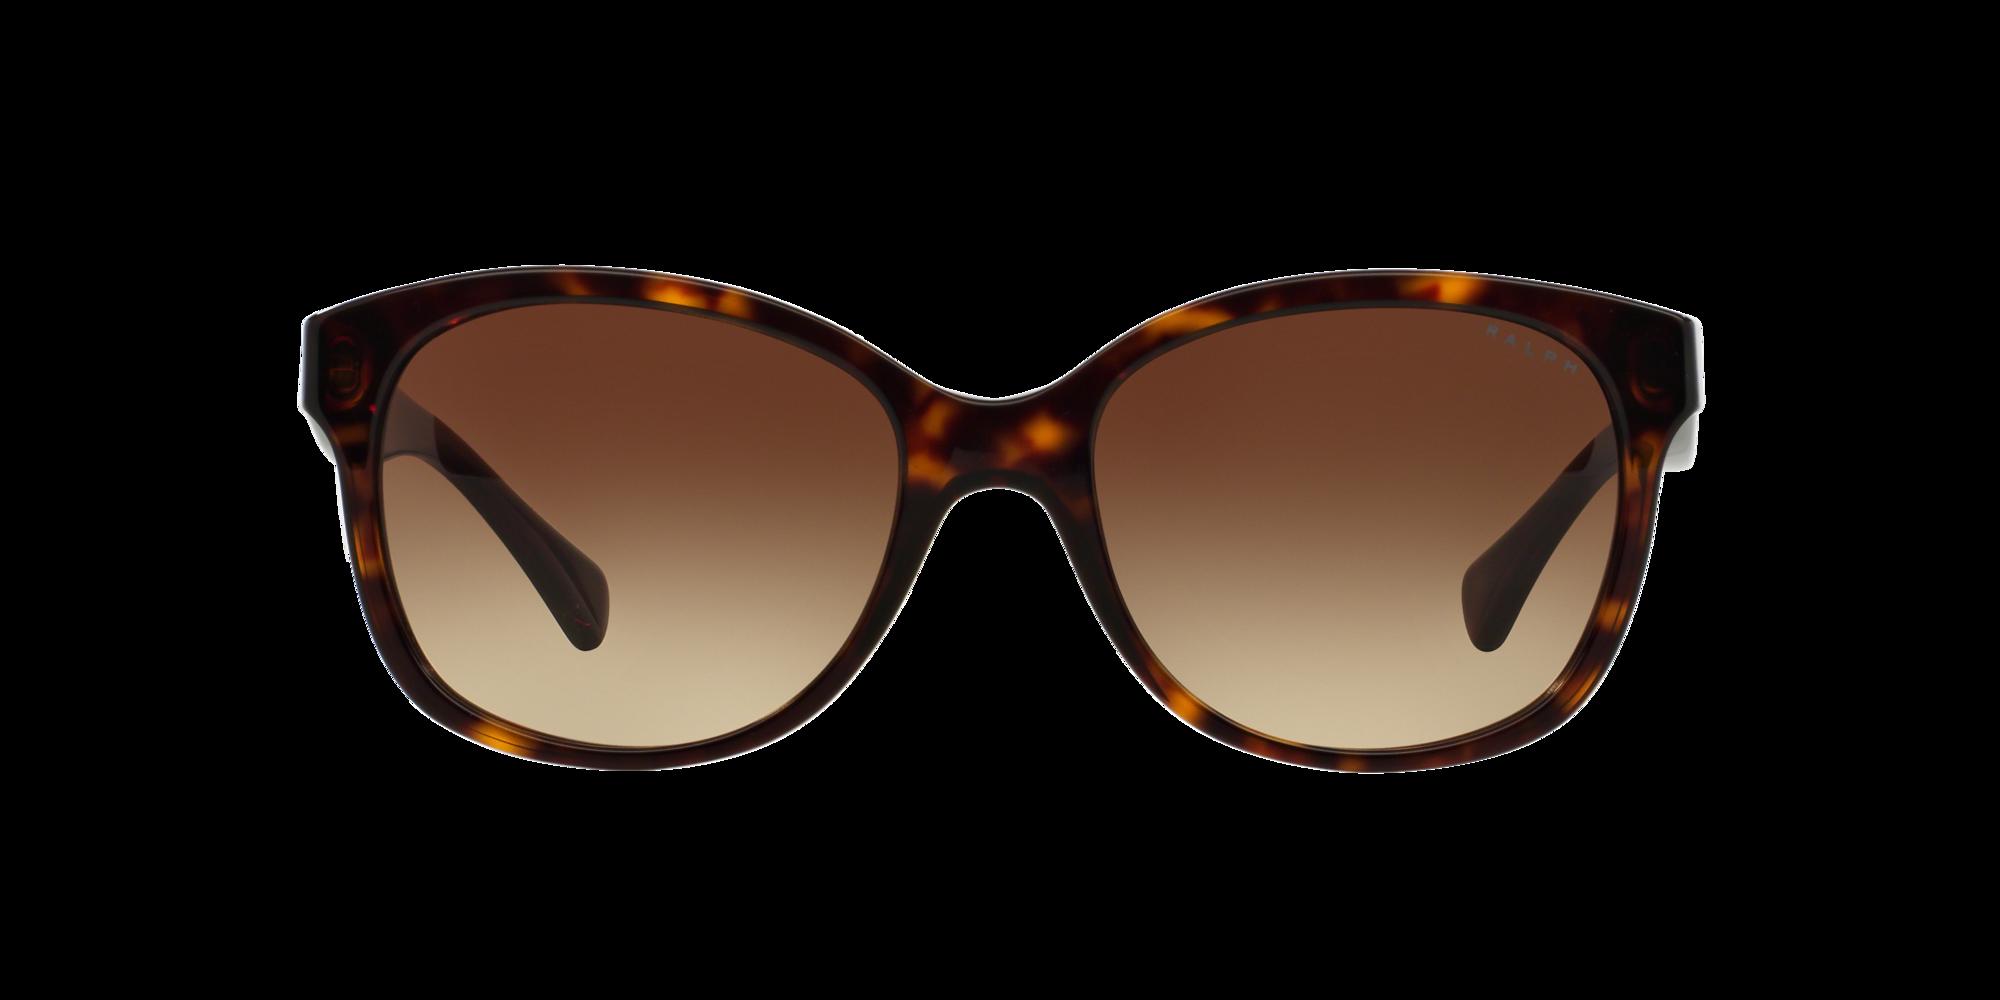 Imagen para RA5191 55 de LensCrafters |  Espejuelos, espejuelos graduados en línea, gafas